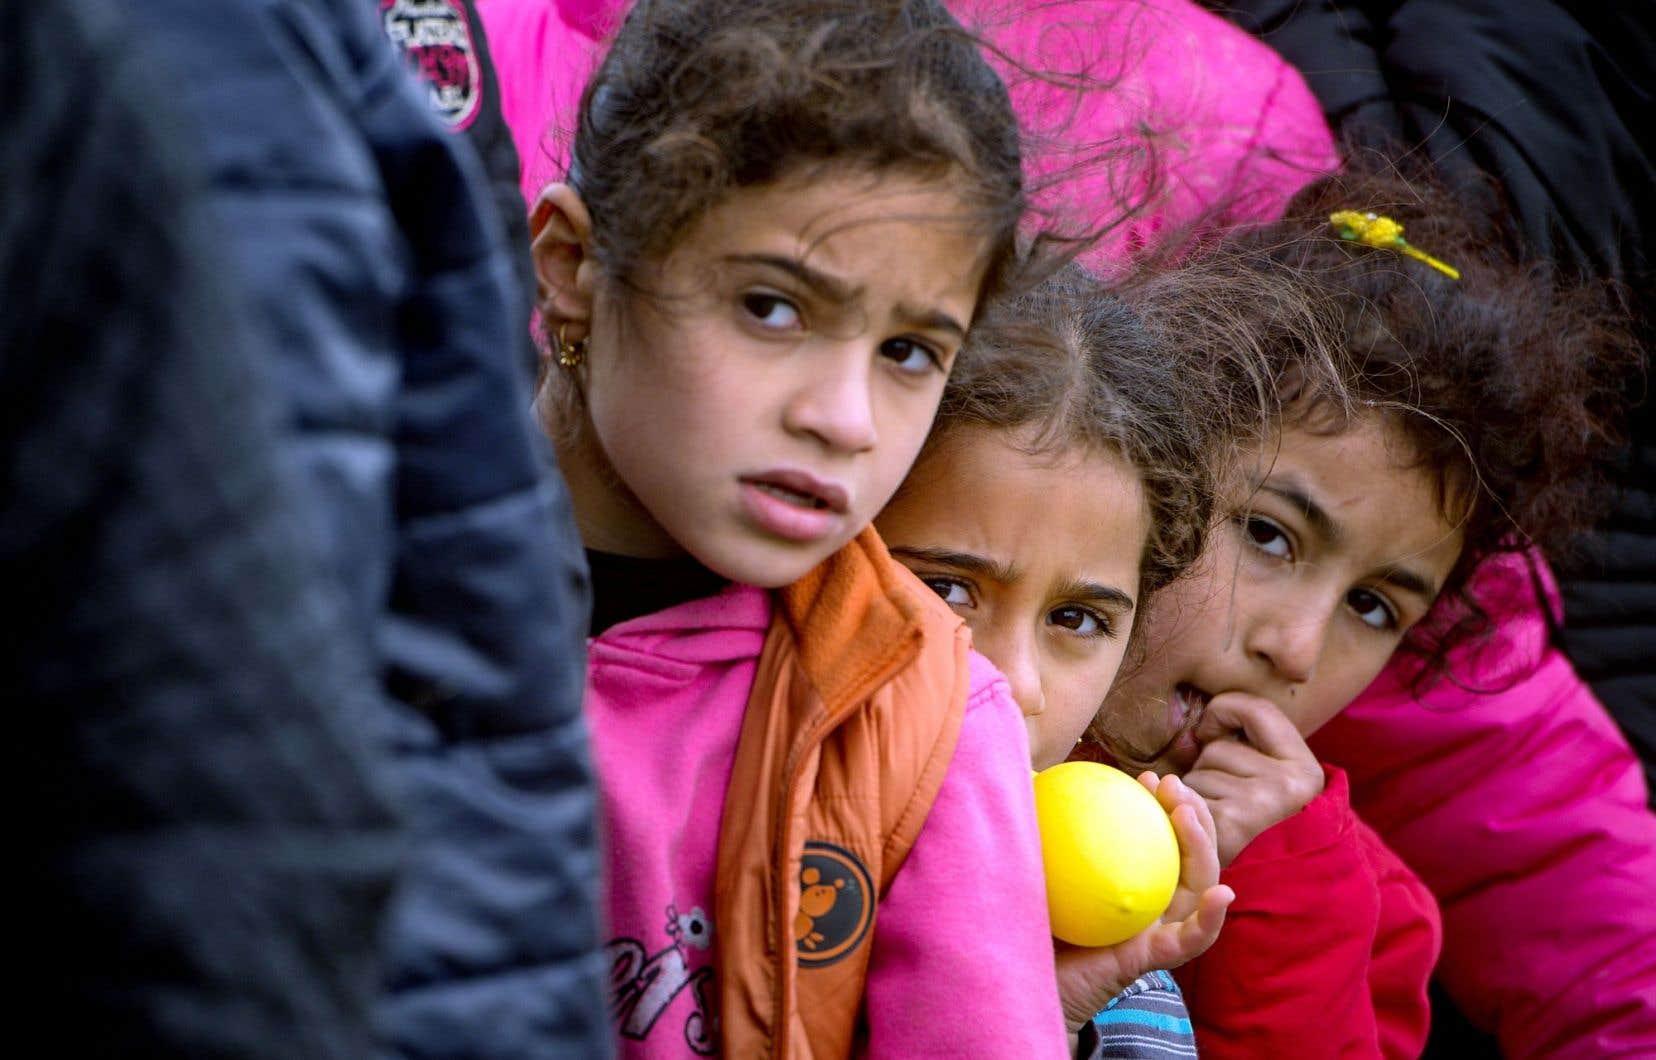 En sortant d'un contexte de guerre, comme les réfugiés syriens, on présente d'abord un syndrome de stress aigu dû au fait d'avoir vu sa vie menacée et d'avoir été témoin de scènes très traumatisantes, comme des cadavres ou des corps décapités.